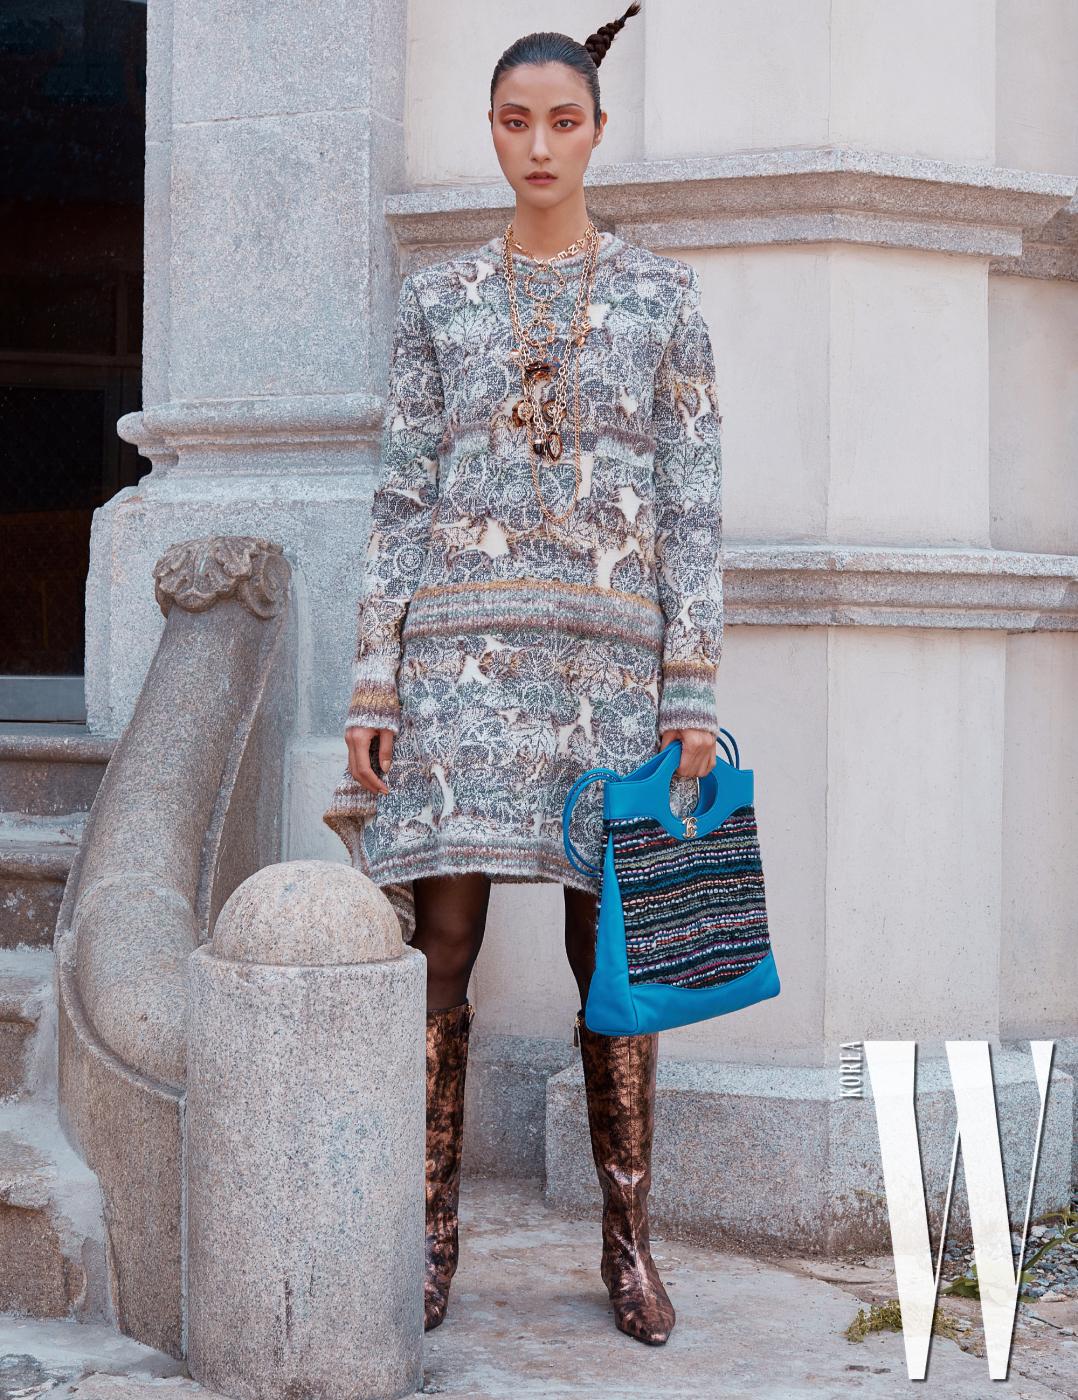 가을 숲이 연상되는 가을 빛깔의 니트 드레스, 쇼퍼백 형태의 '31'백, 부츠, 로고 장식 목걸이와 체인 목걸이, 목에 걸어 착용한 나뭇잎 모티프의 장식이 인상적인 체인 벨트는 모두 Chanel 제품.